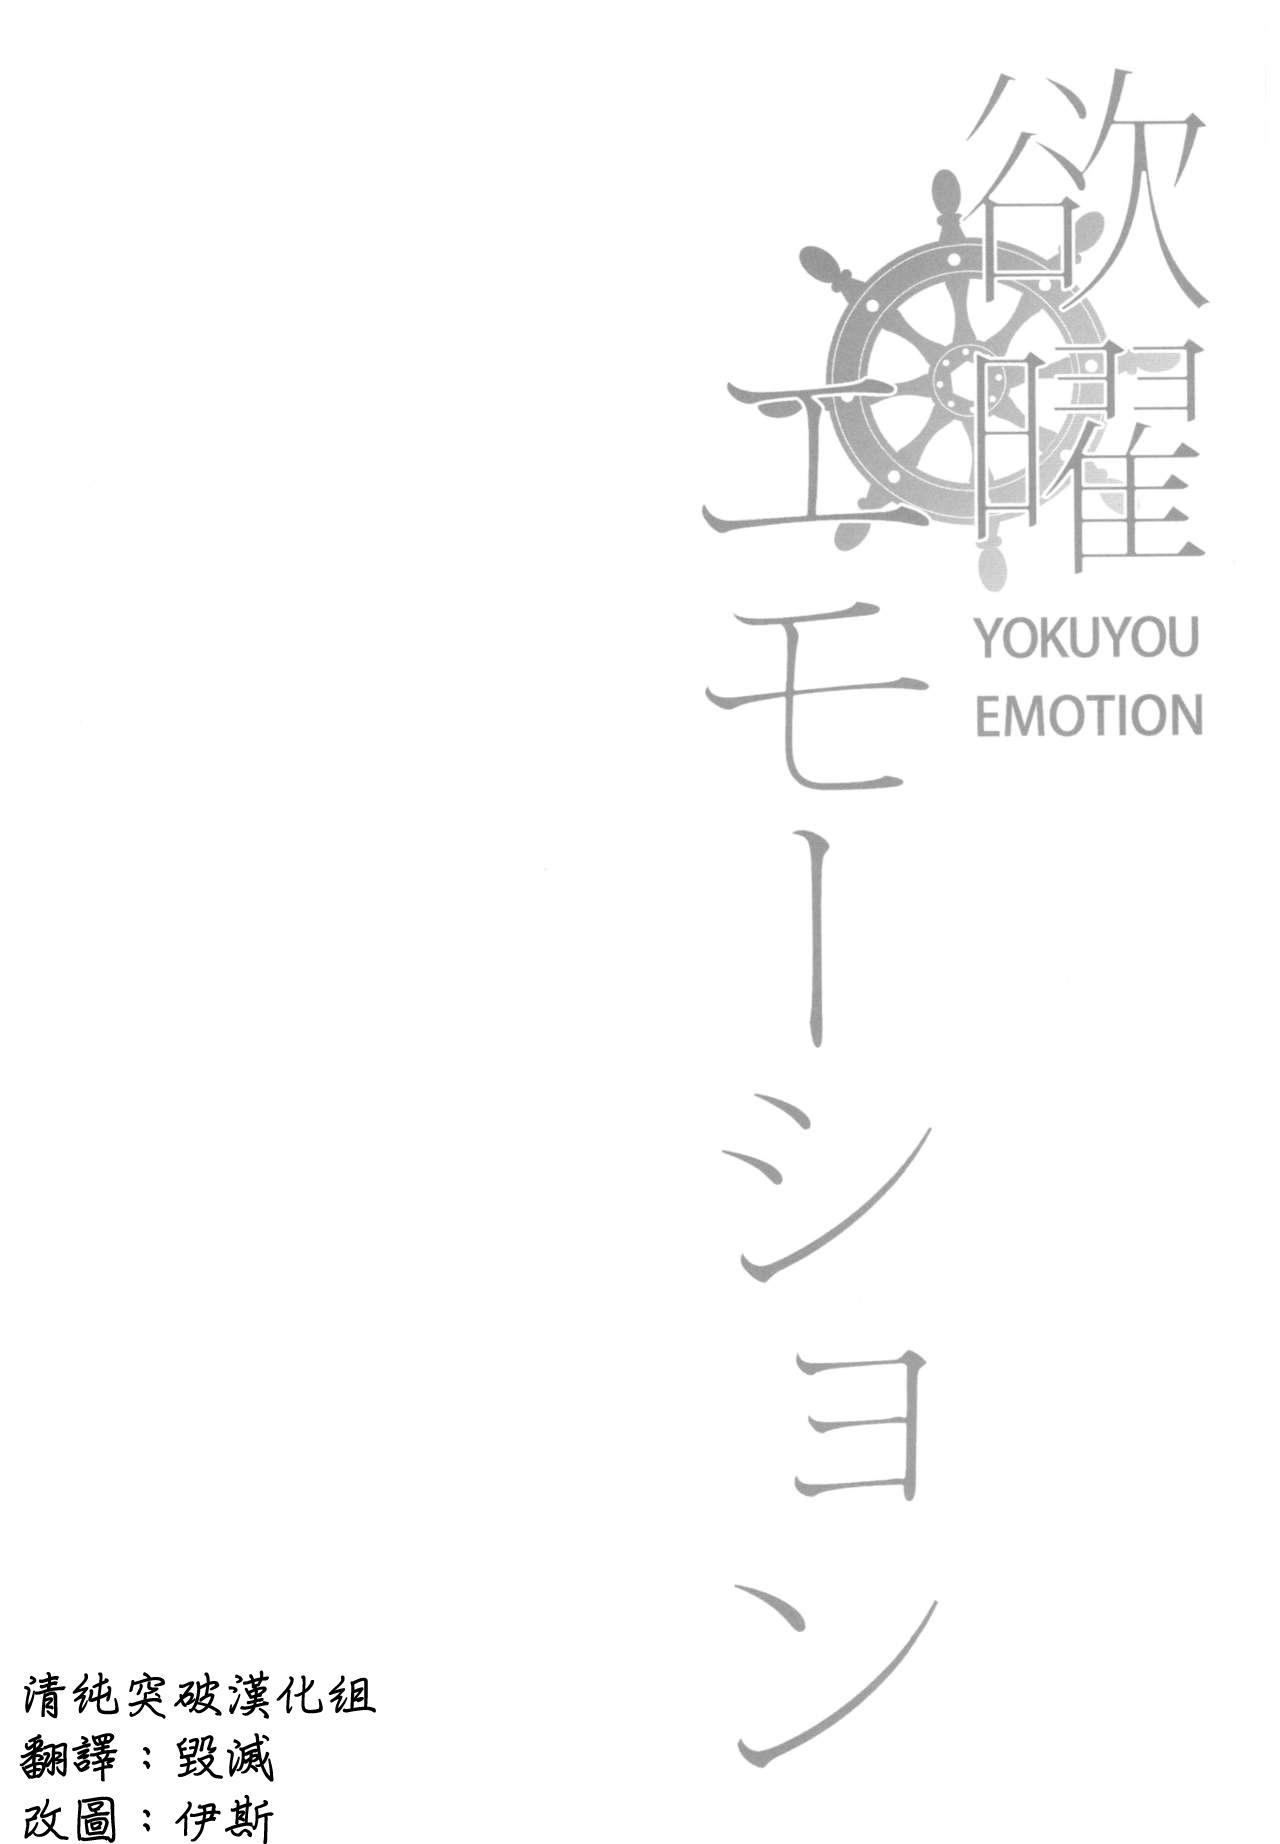 Yokuyou Emotion 3